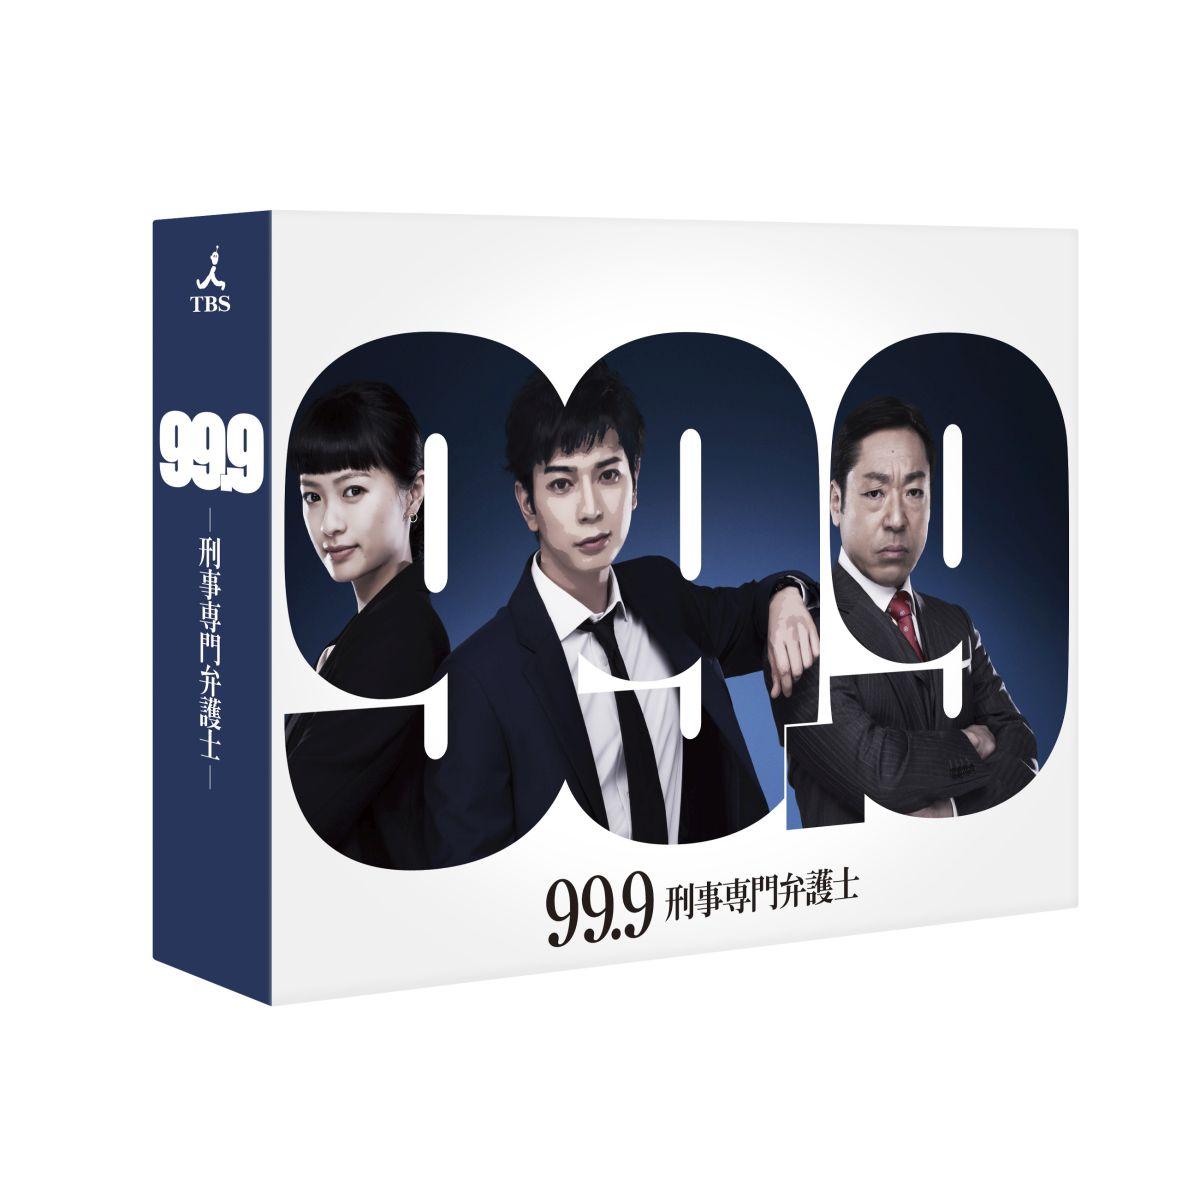 99.9-刑事専門弁護士ーDVD-BOX [ 松本潤 ]